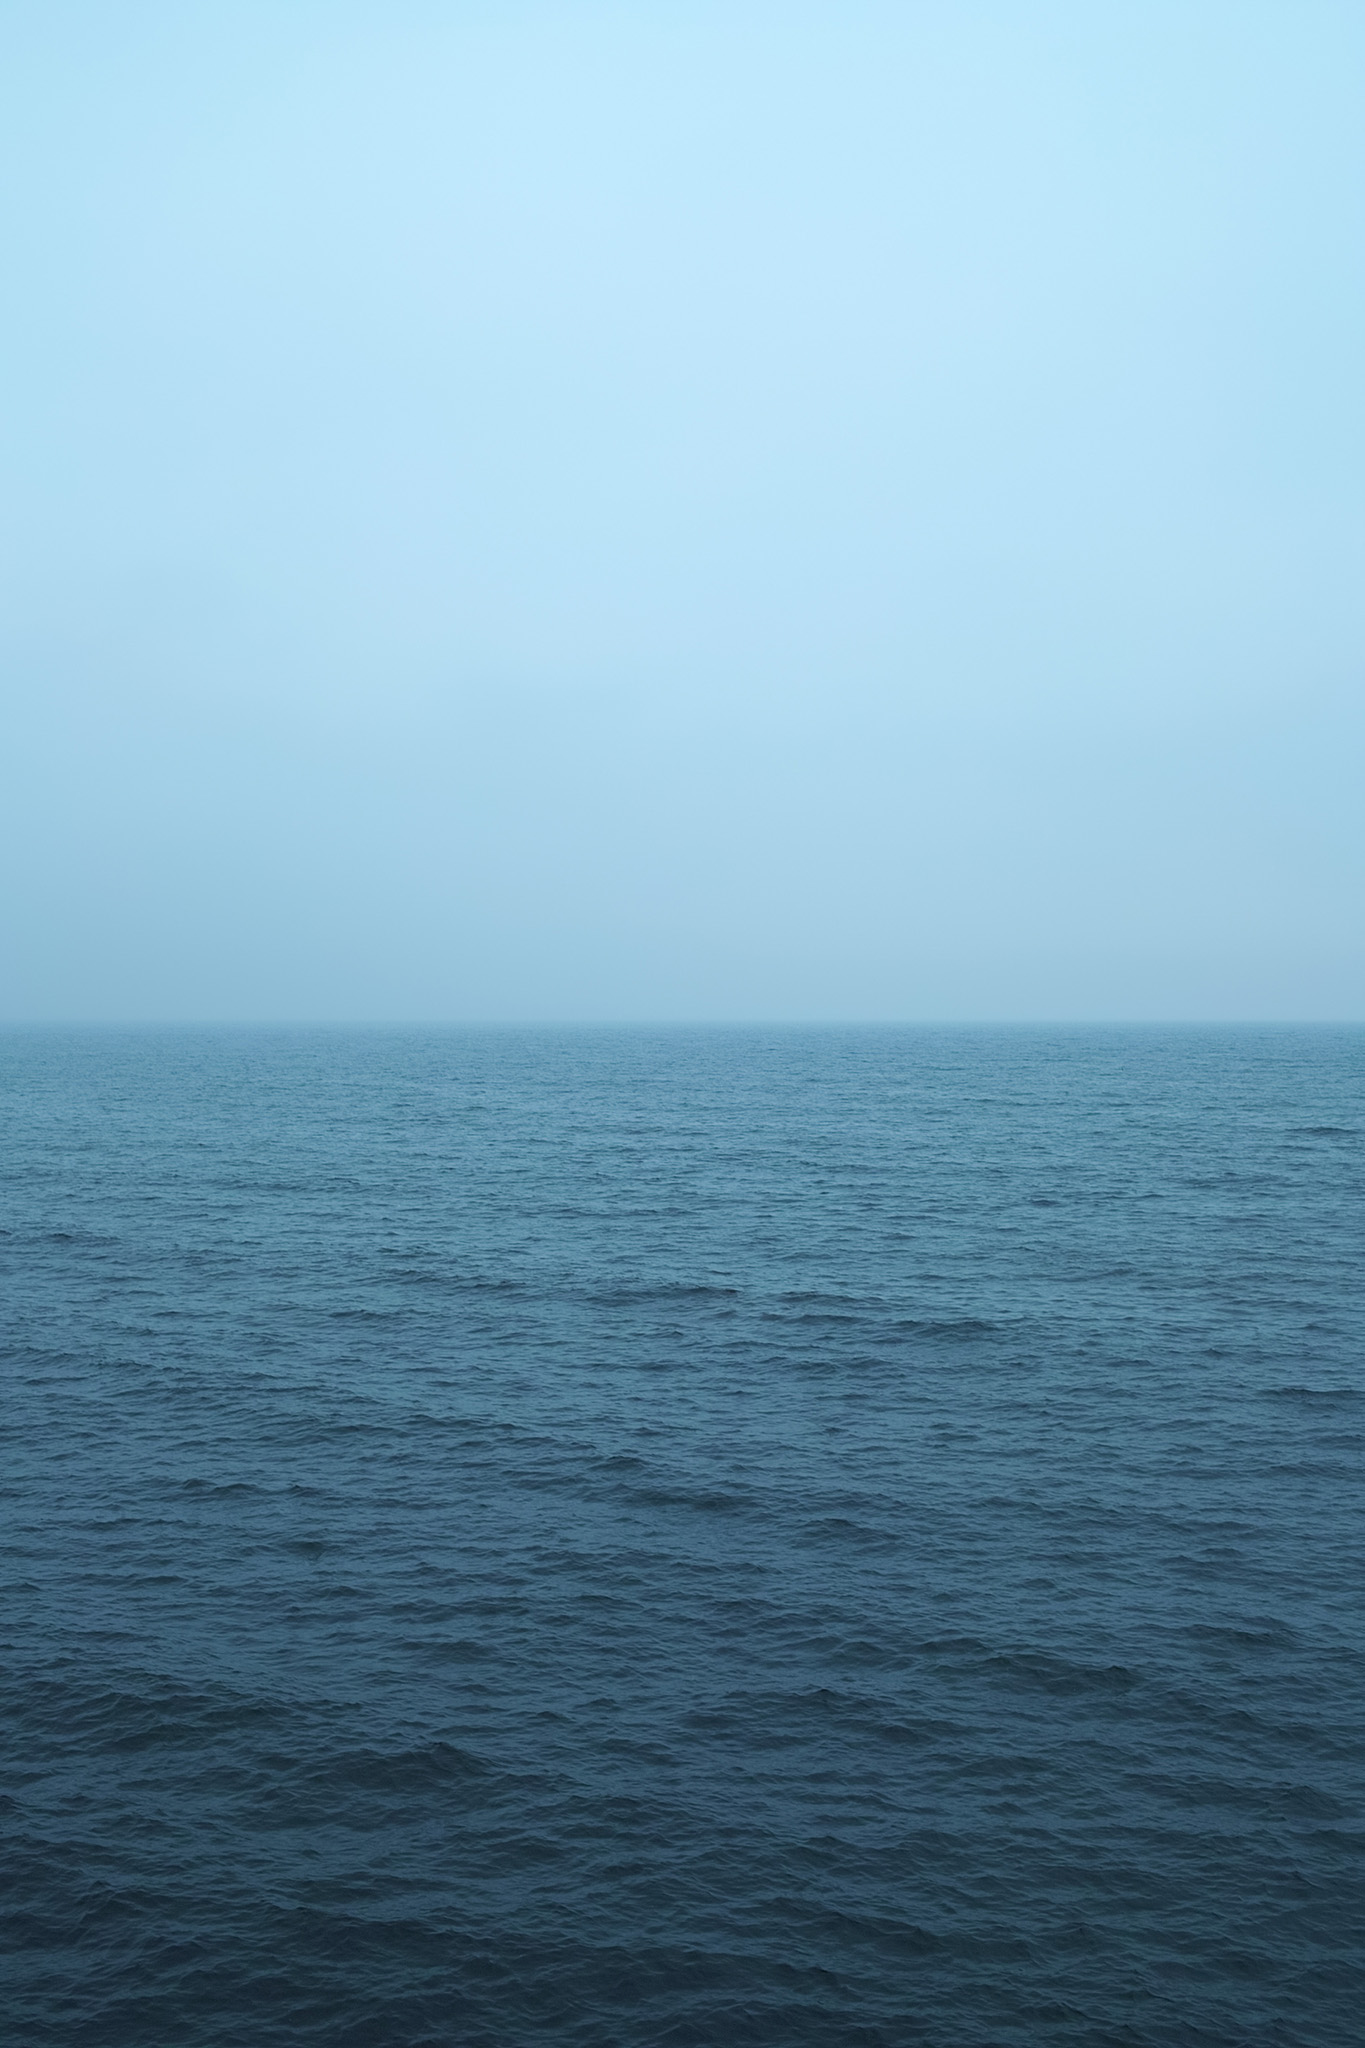 「薄曇りの空と暗い海」